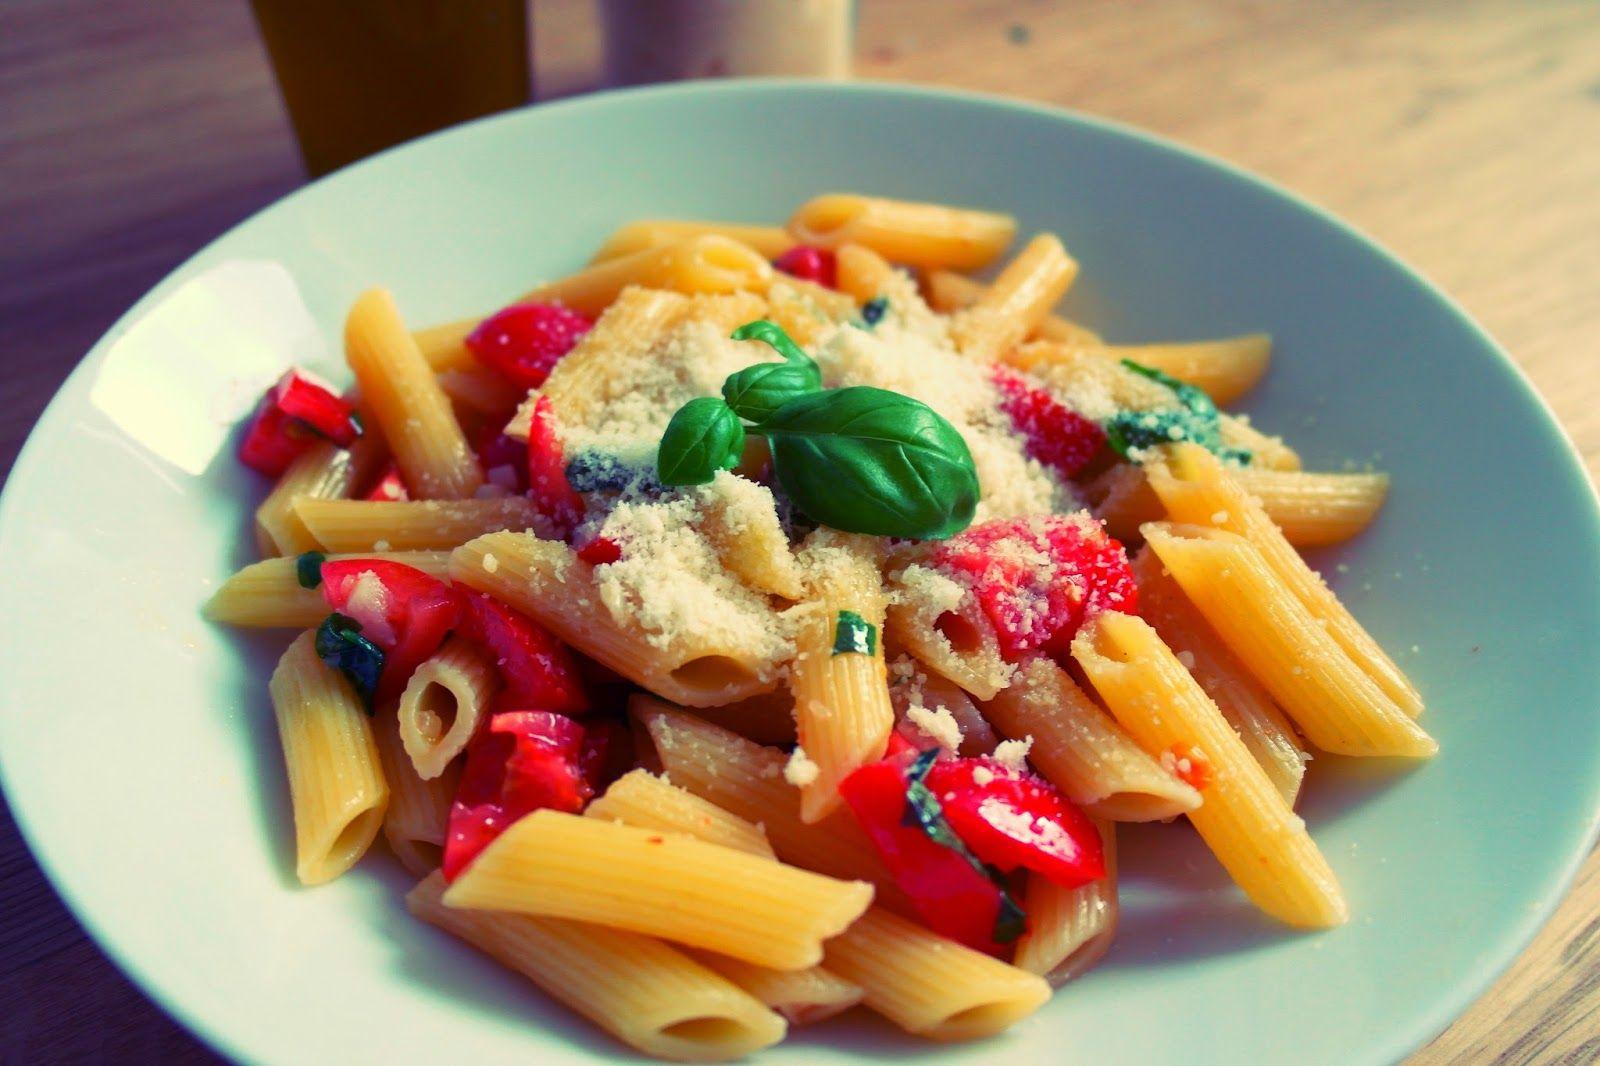 Sommernudeln, einfach, schnell, lecker mit frischen Tomaten, Olivenöl, Knoblauch und Basilikum- schmecken nach Italien und nach Sommer.